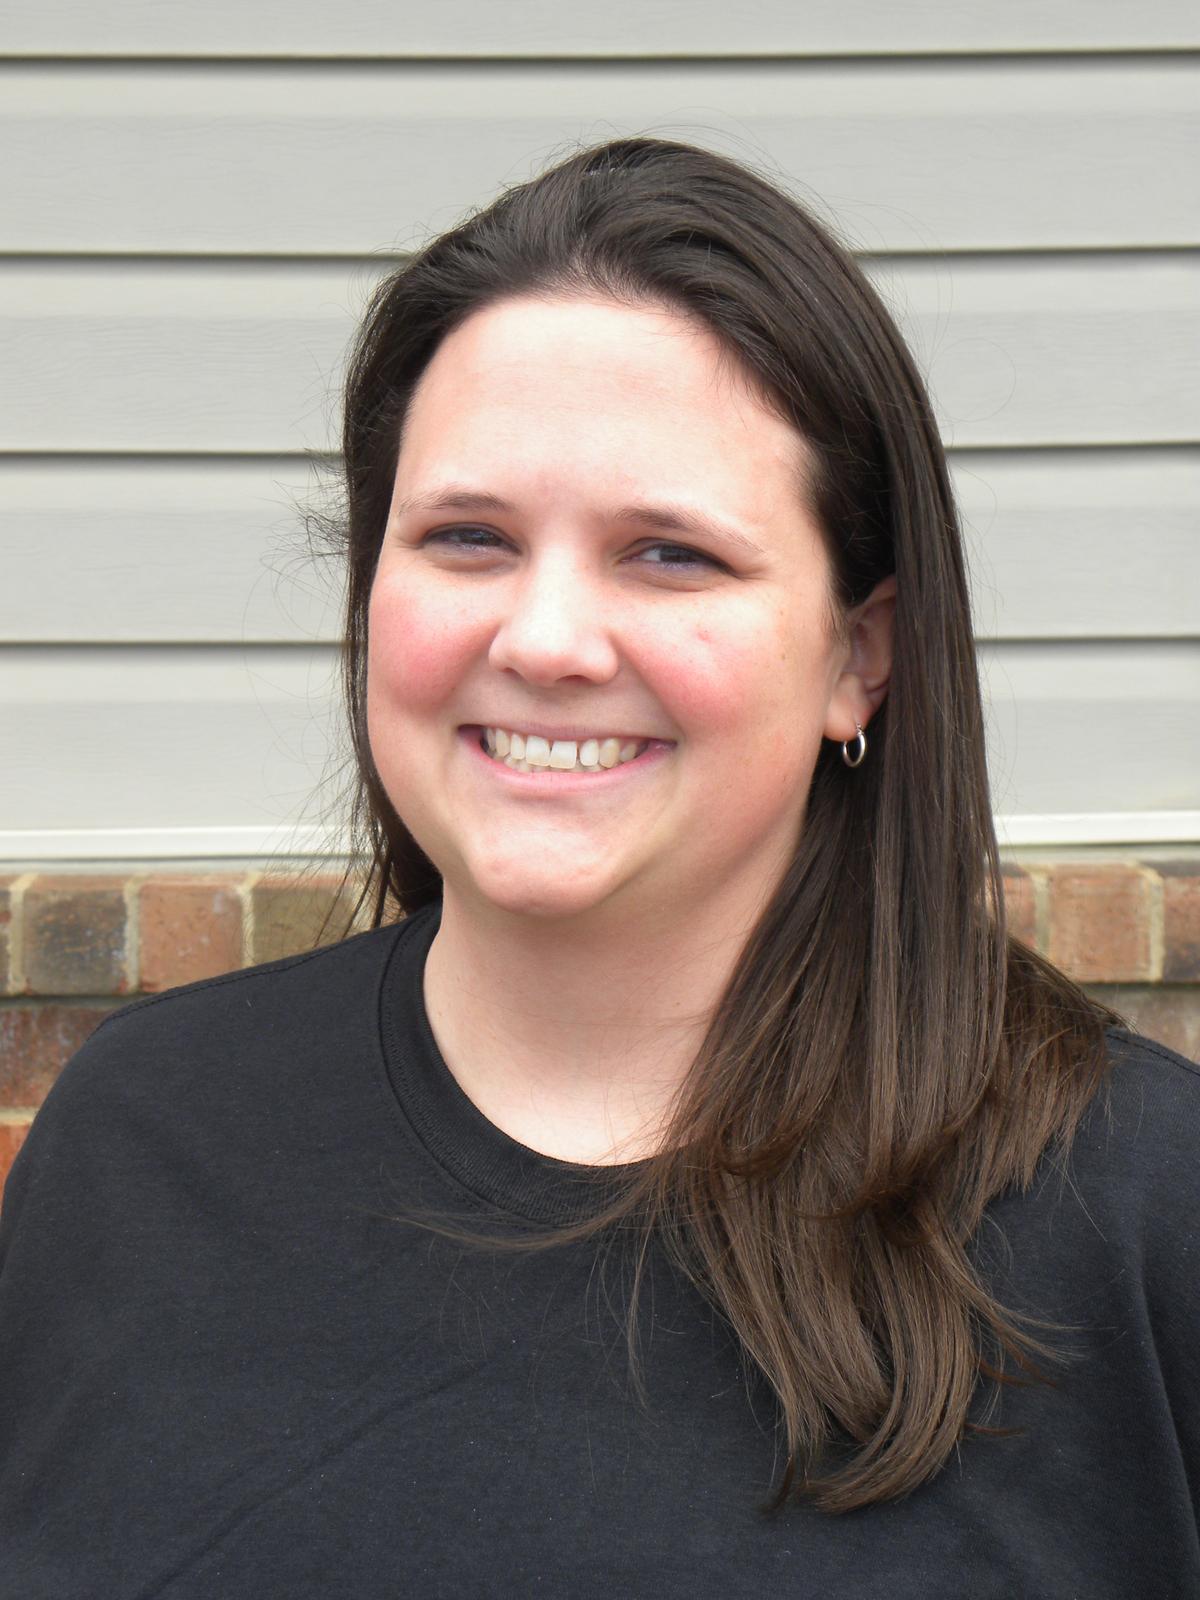 Danielle Welch.JPG